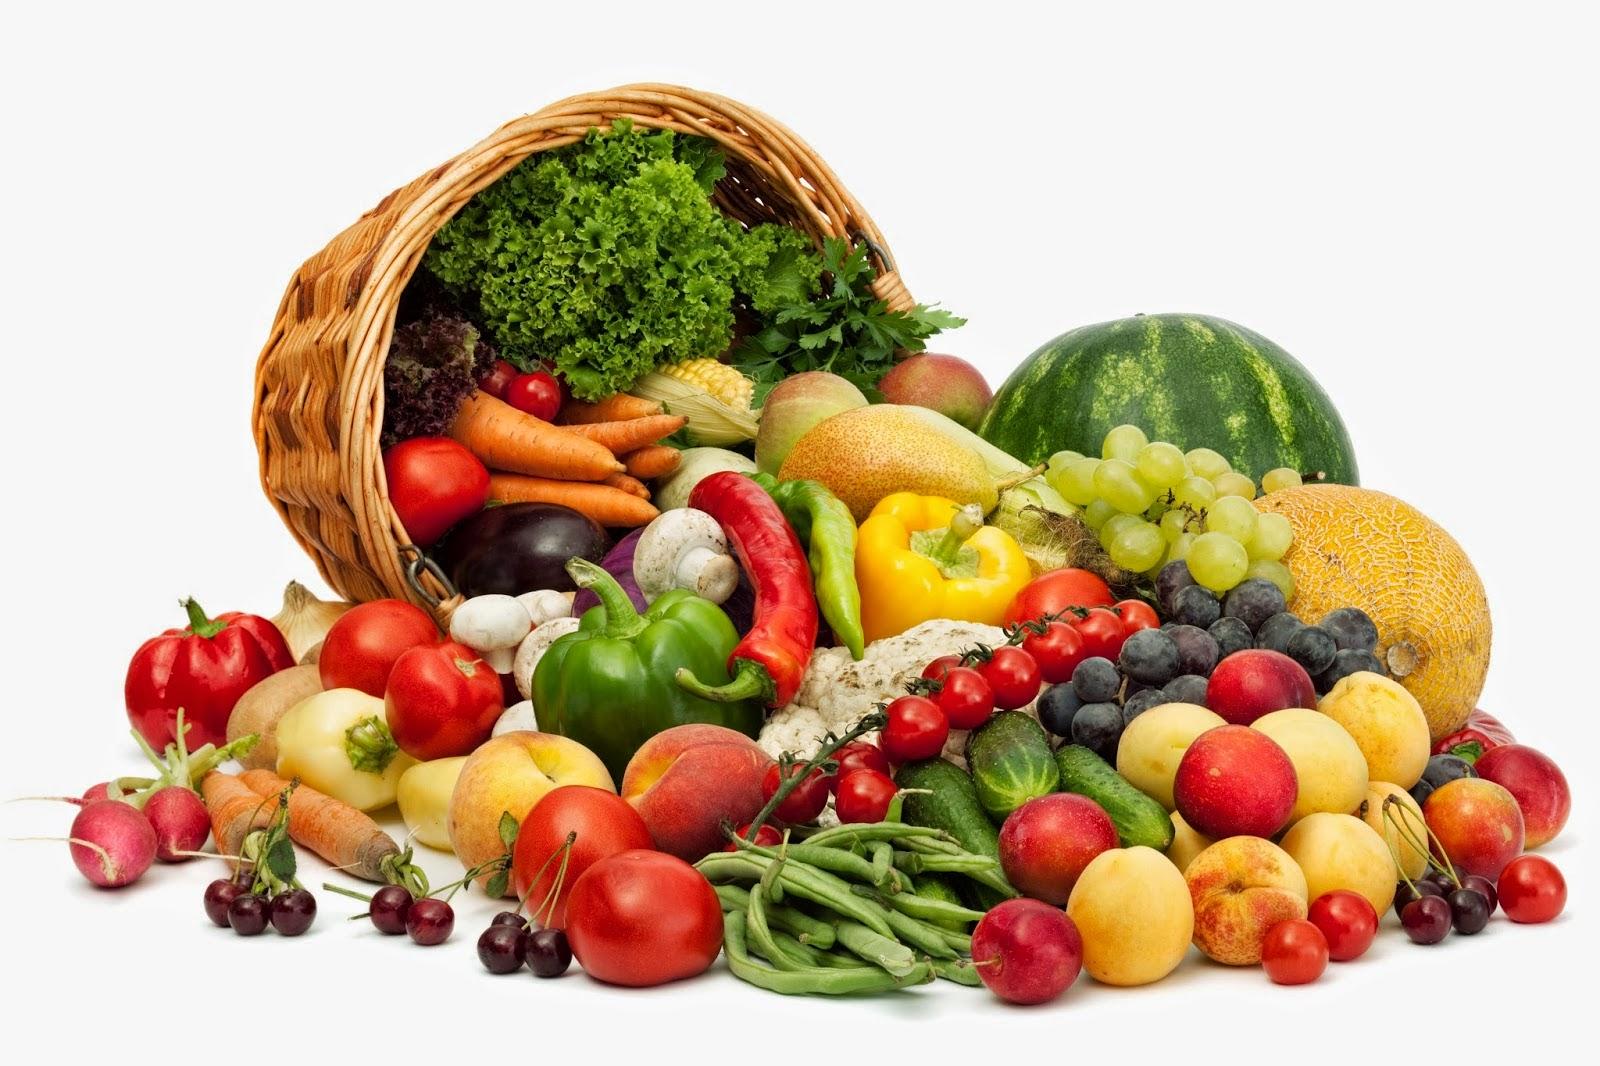 Peninggi Badan Dari Bahan Makanan